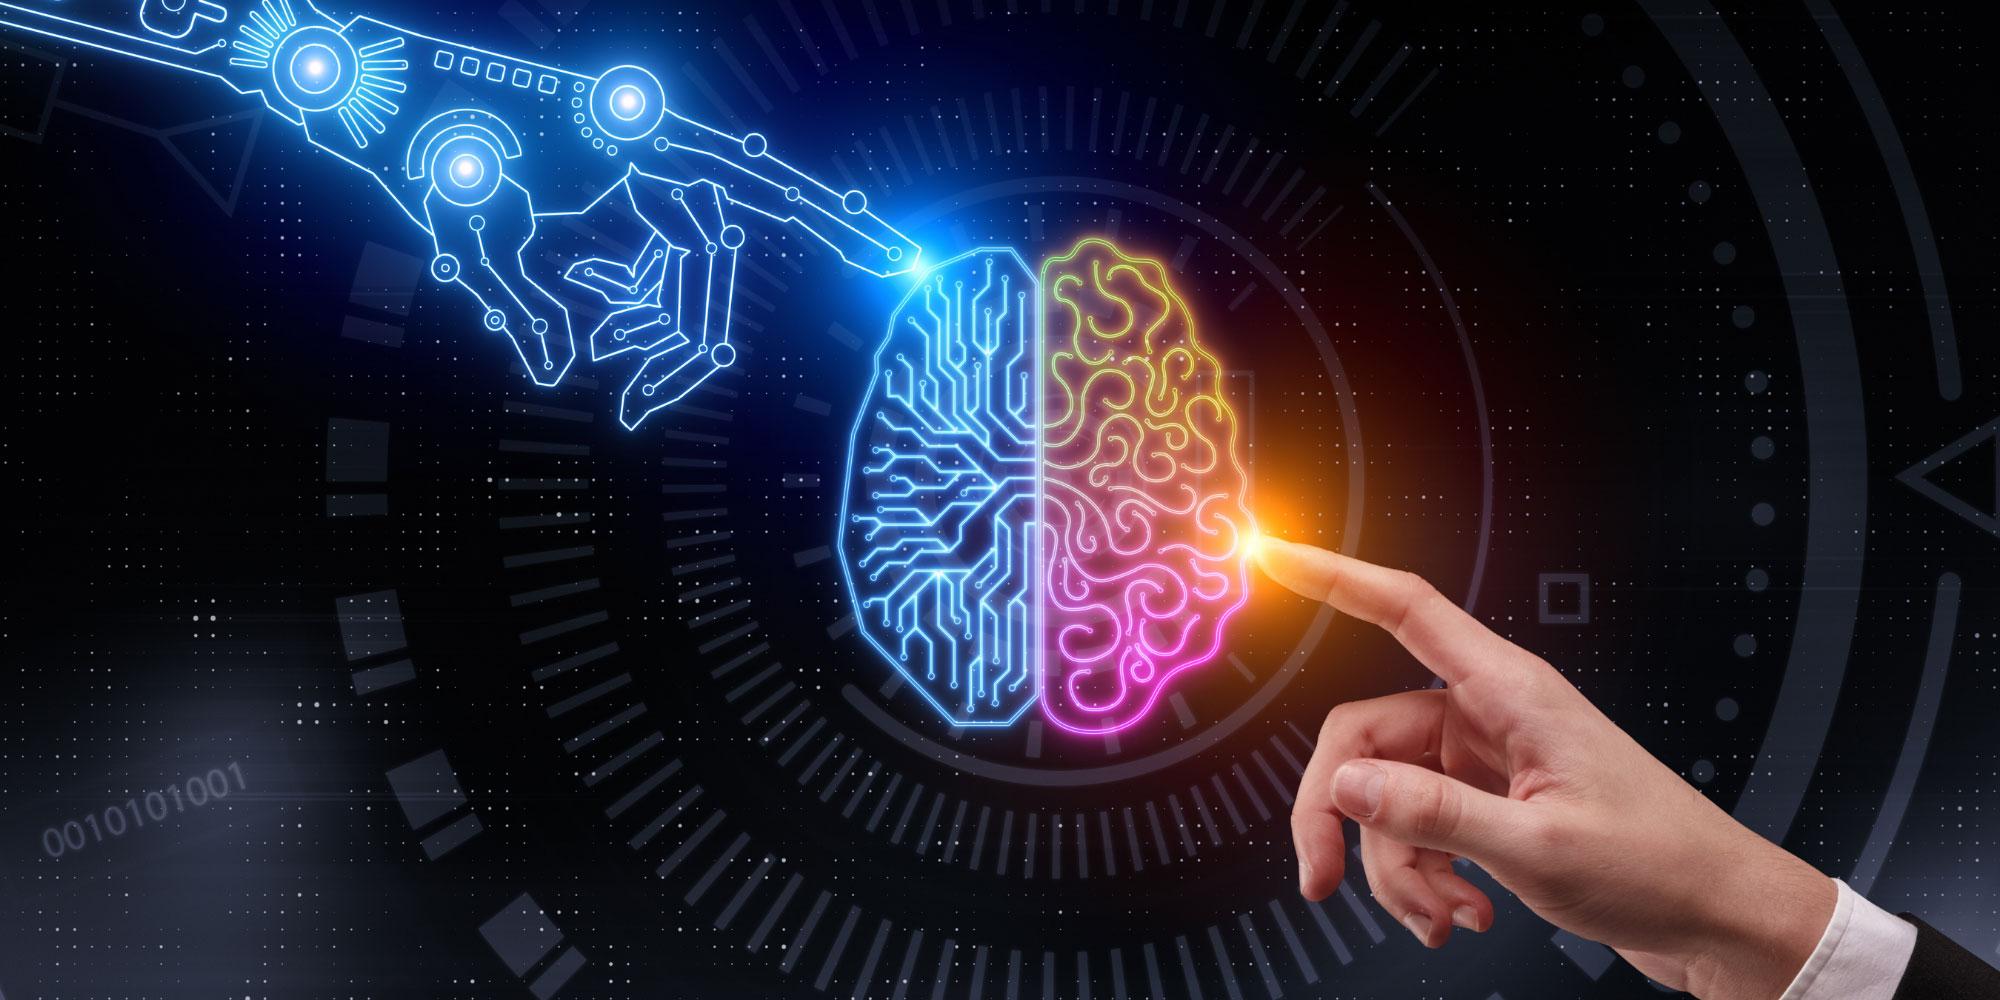 Immagine connessione tra intelligenza umana e intelligenza artificiale